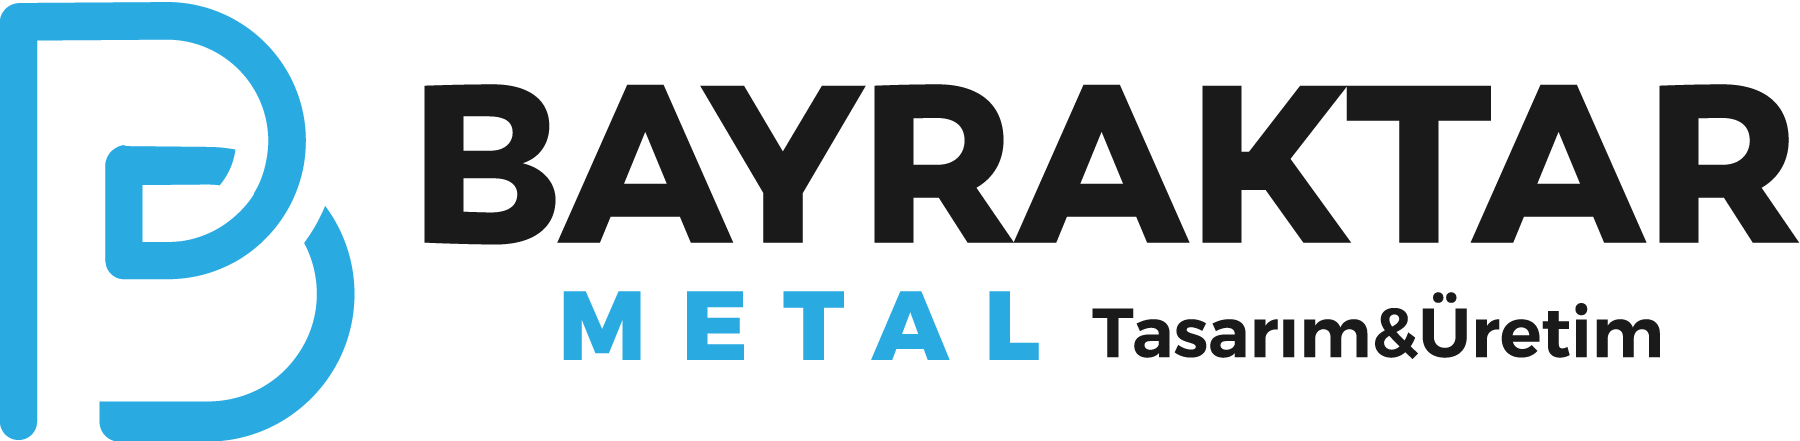 Bayraktar Metal